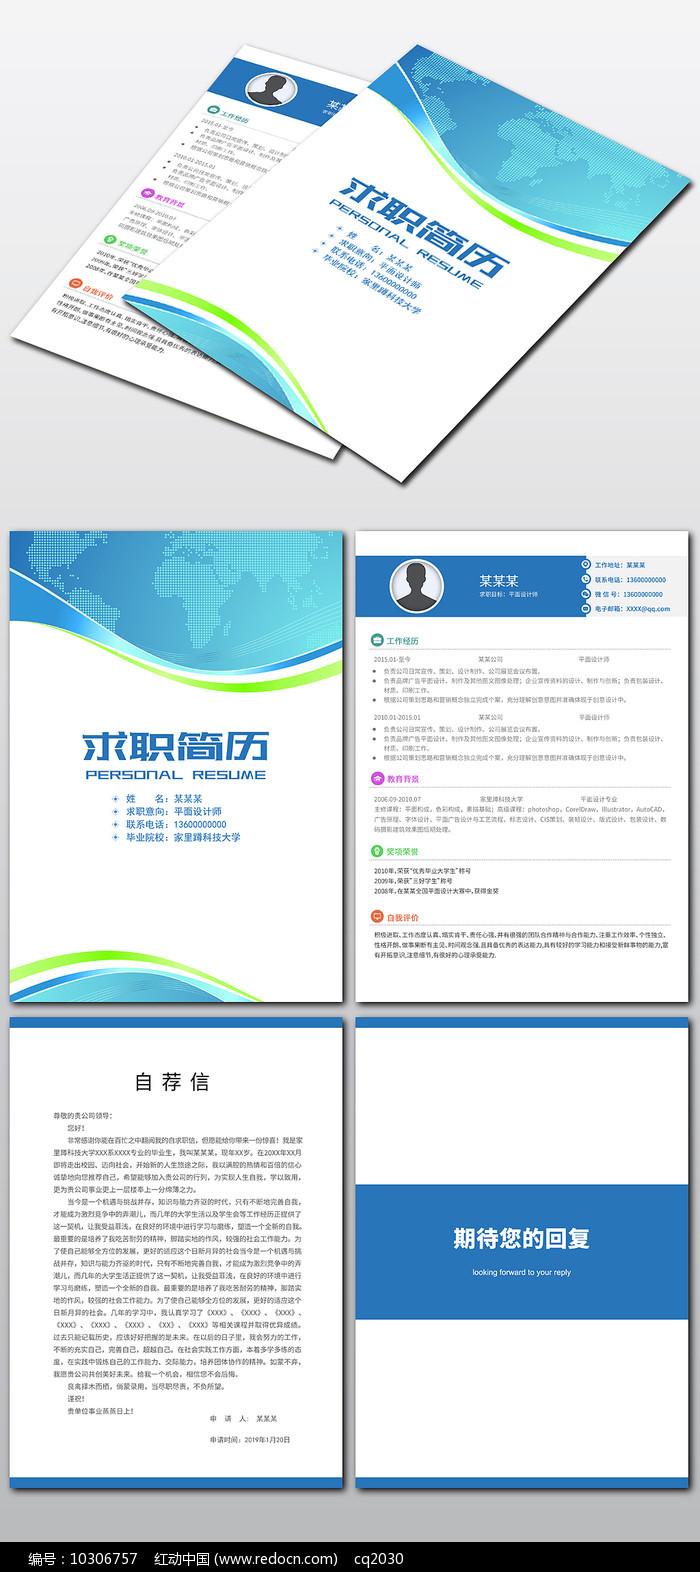 蓝色科技数码IT行业求职简历设计图片